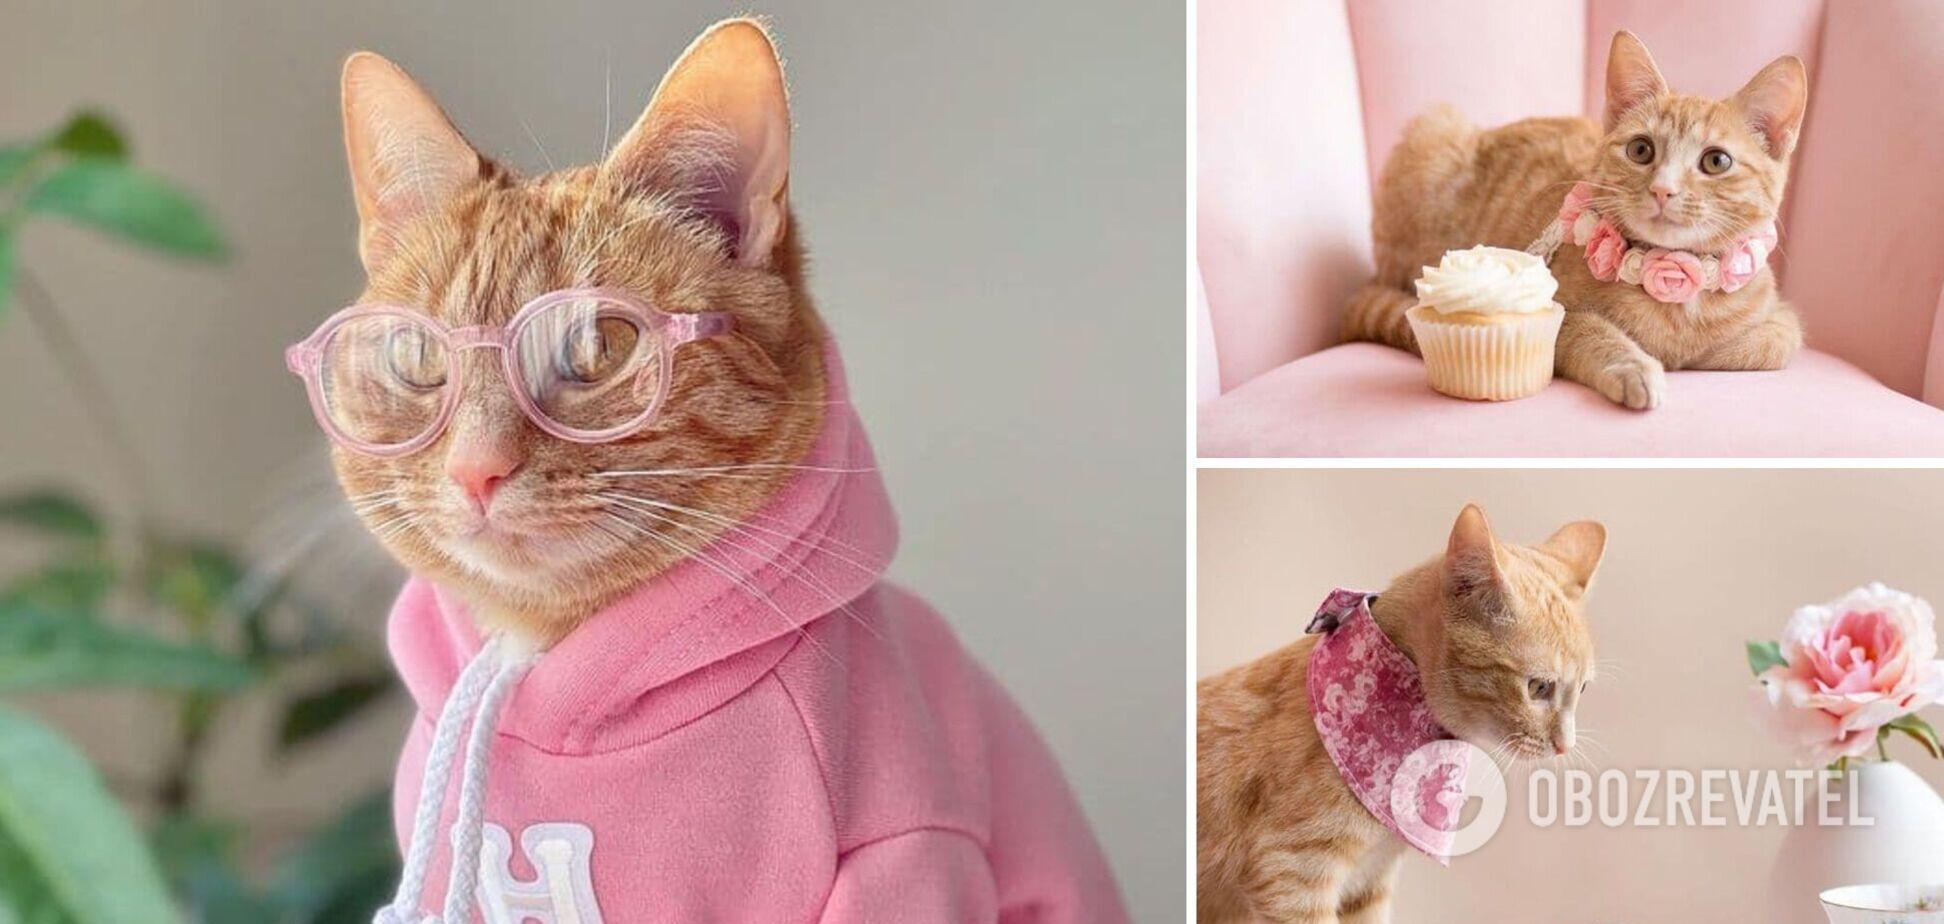 В стиле Пэрис Хилтон: кошка стала звездой сети благодаря своей роскошной жизни. Фото и видео